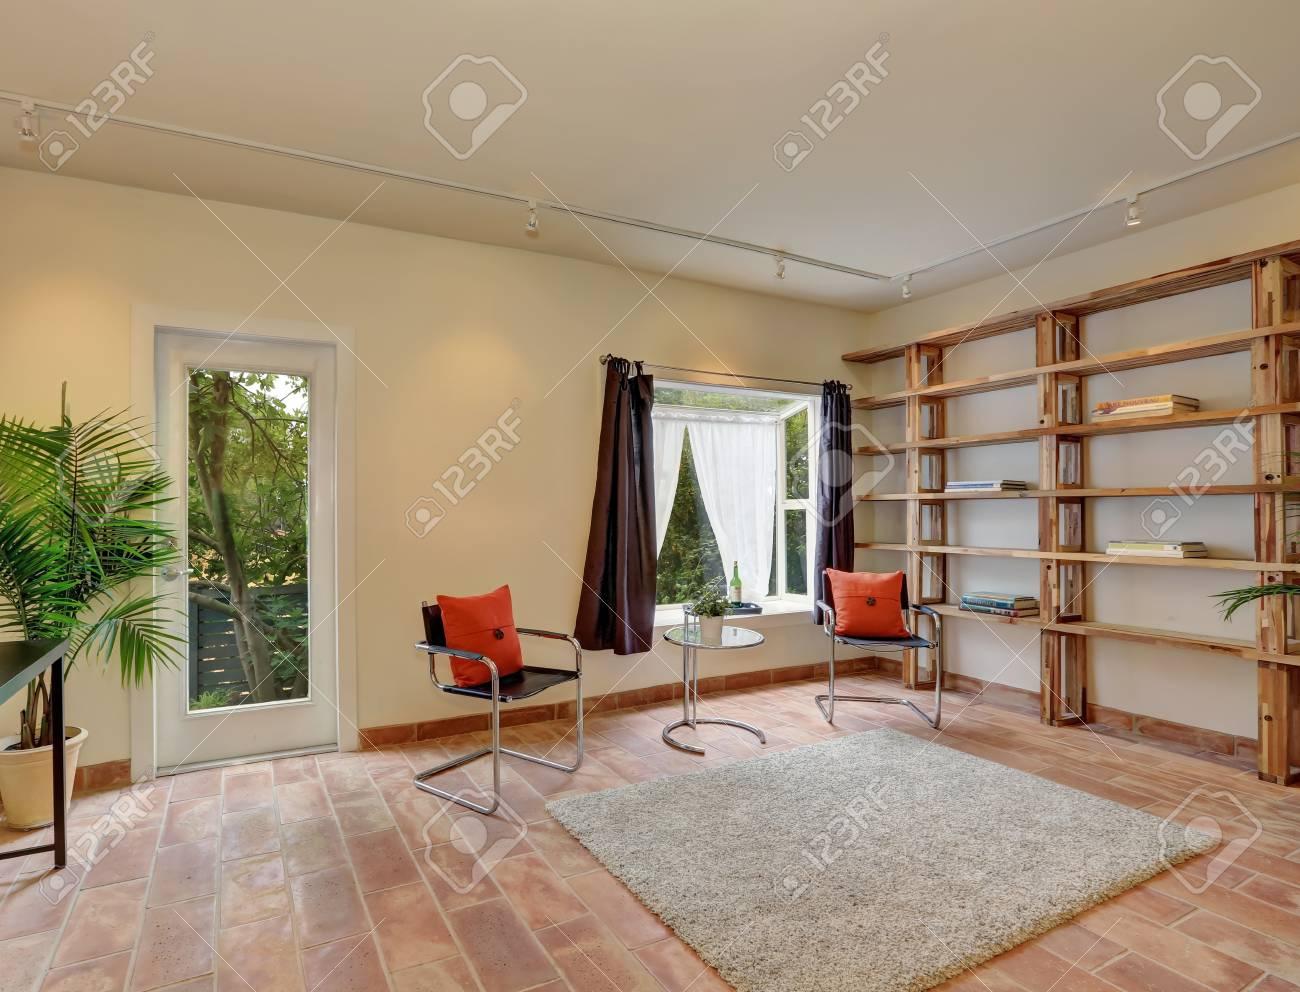 Salon confortable avec des chaises modernes, carrelage, tapis et étagères  de livres dans la maison. Northwest, États-Unis